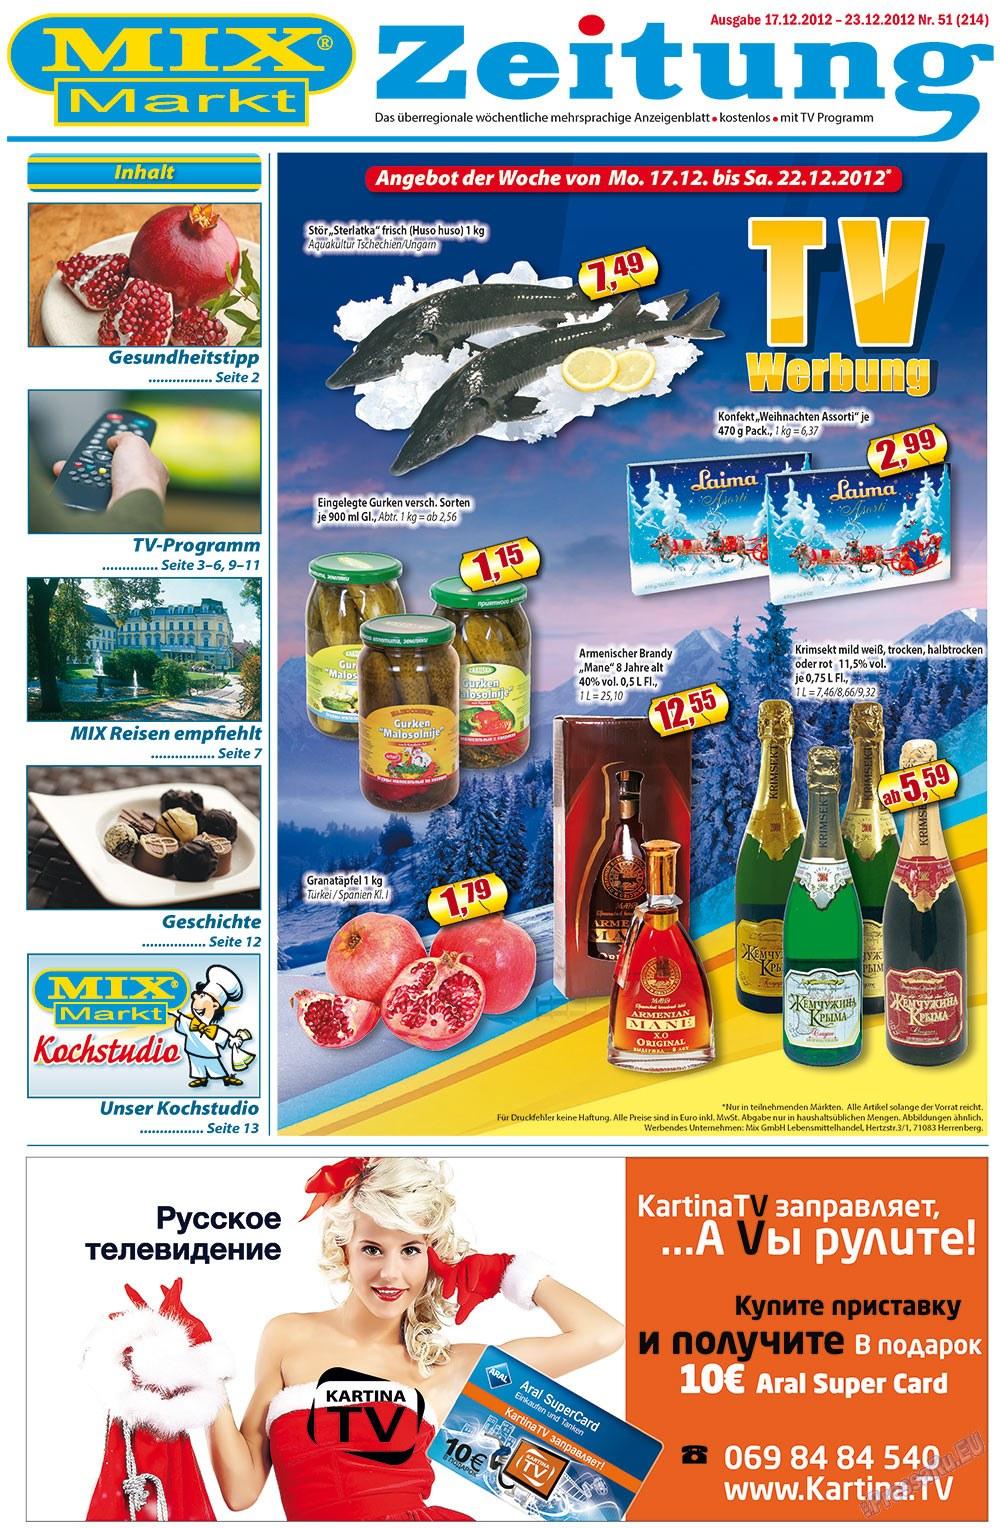 MIX-Markt Zeitung (газета). 2012 год, номер 51, стр. 1